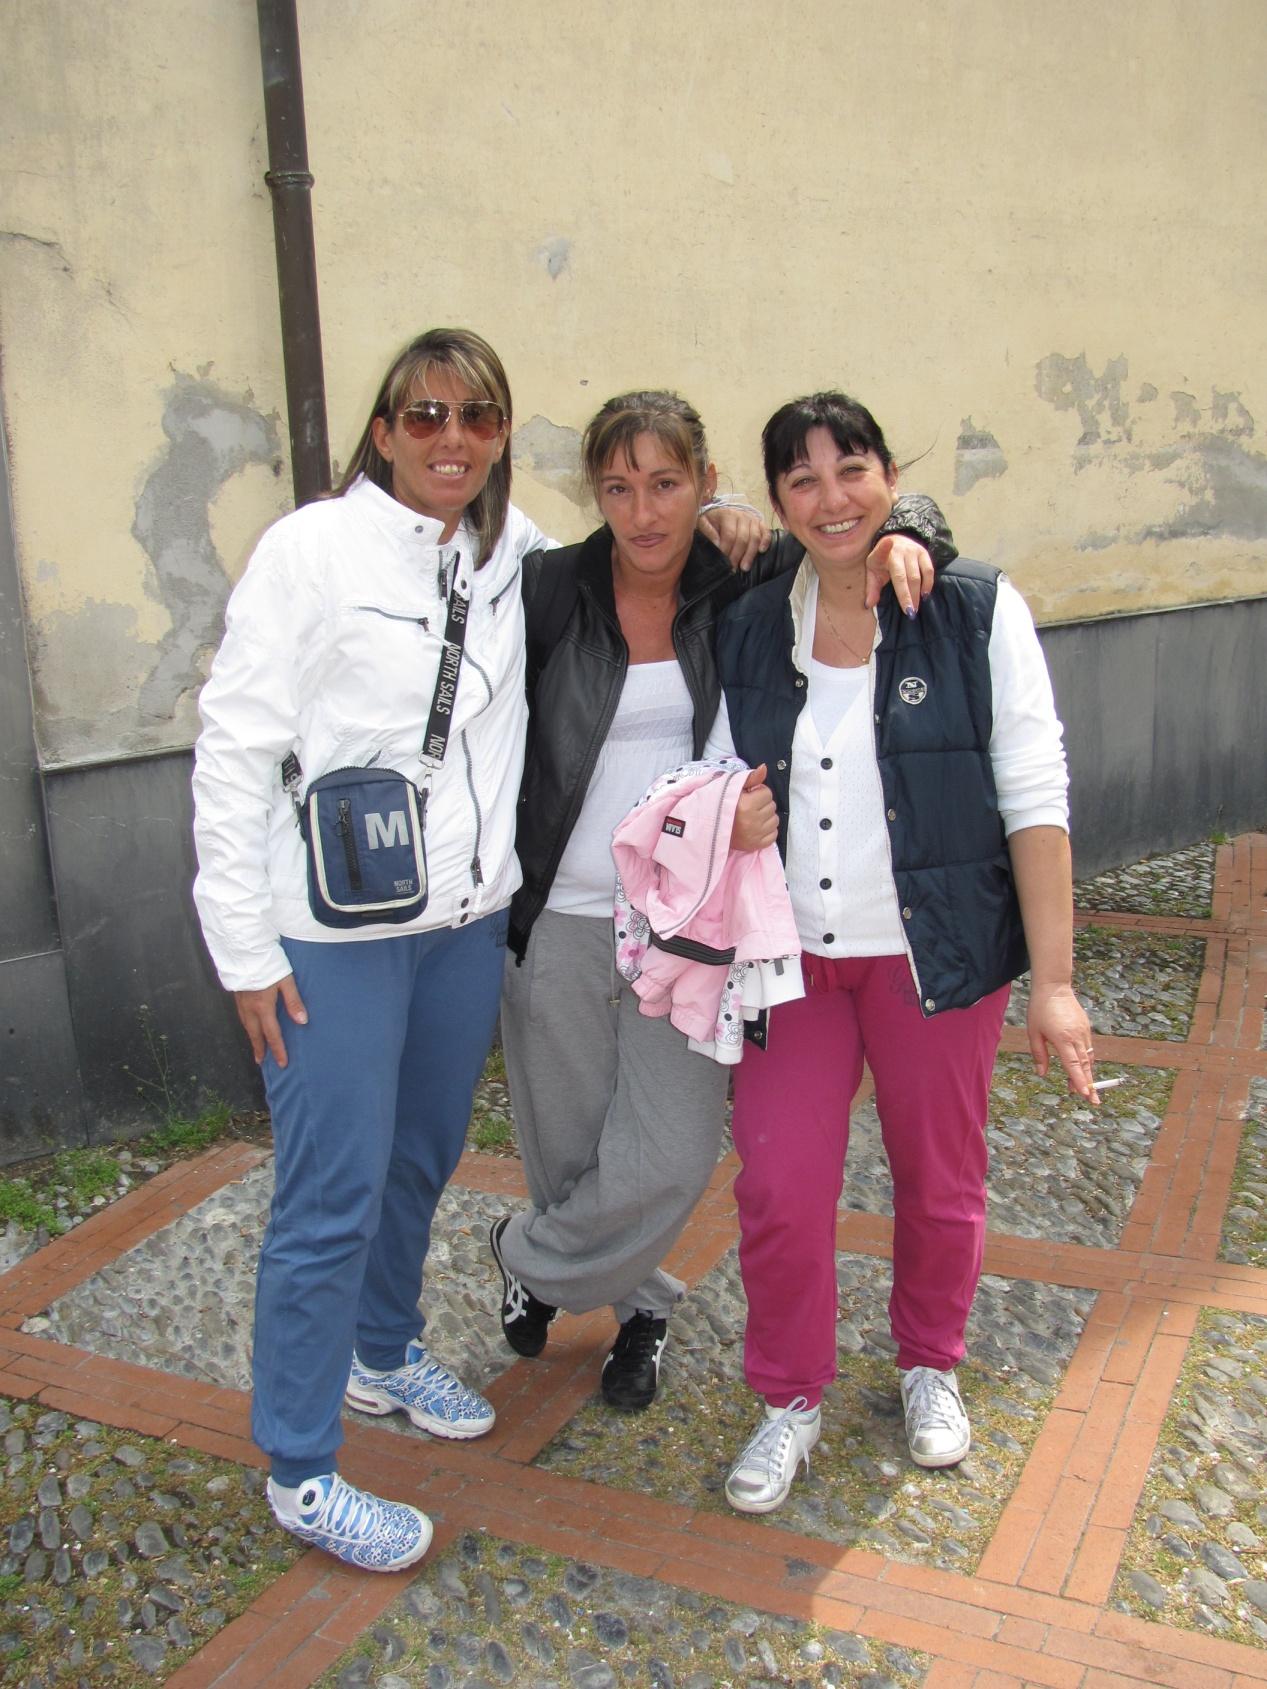 pasquetta_dolceacqua-2011-04-25-12-11-40